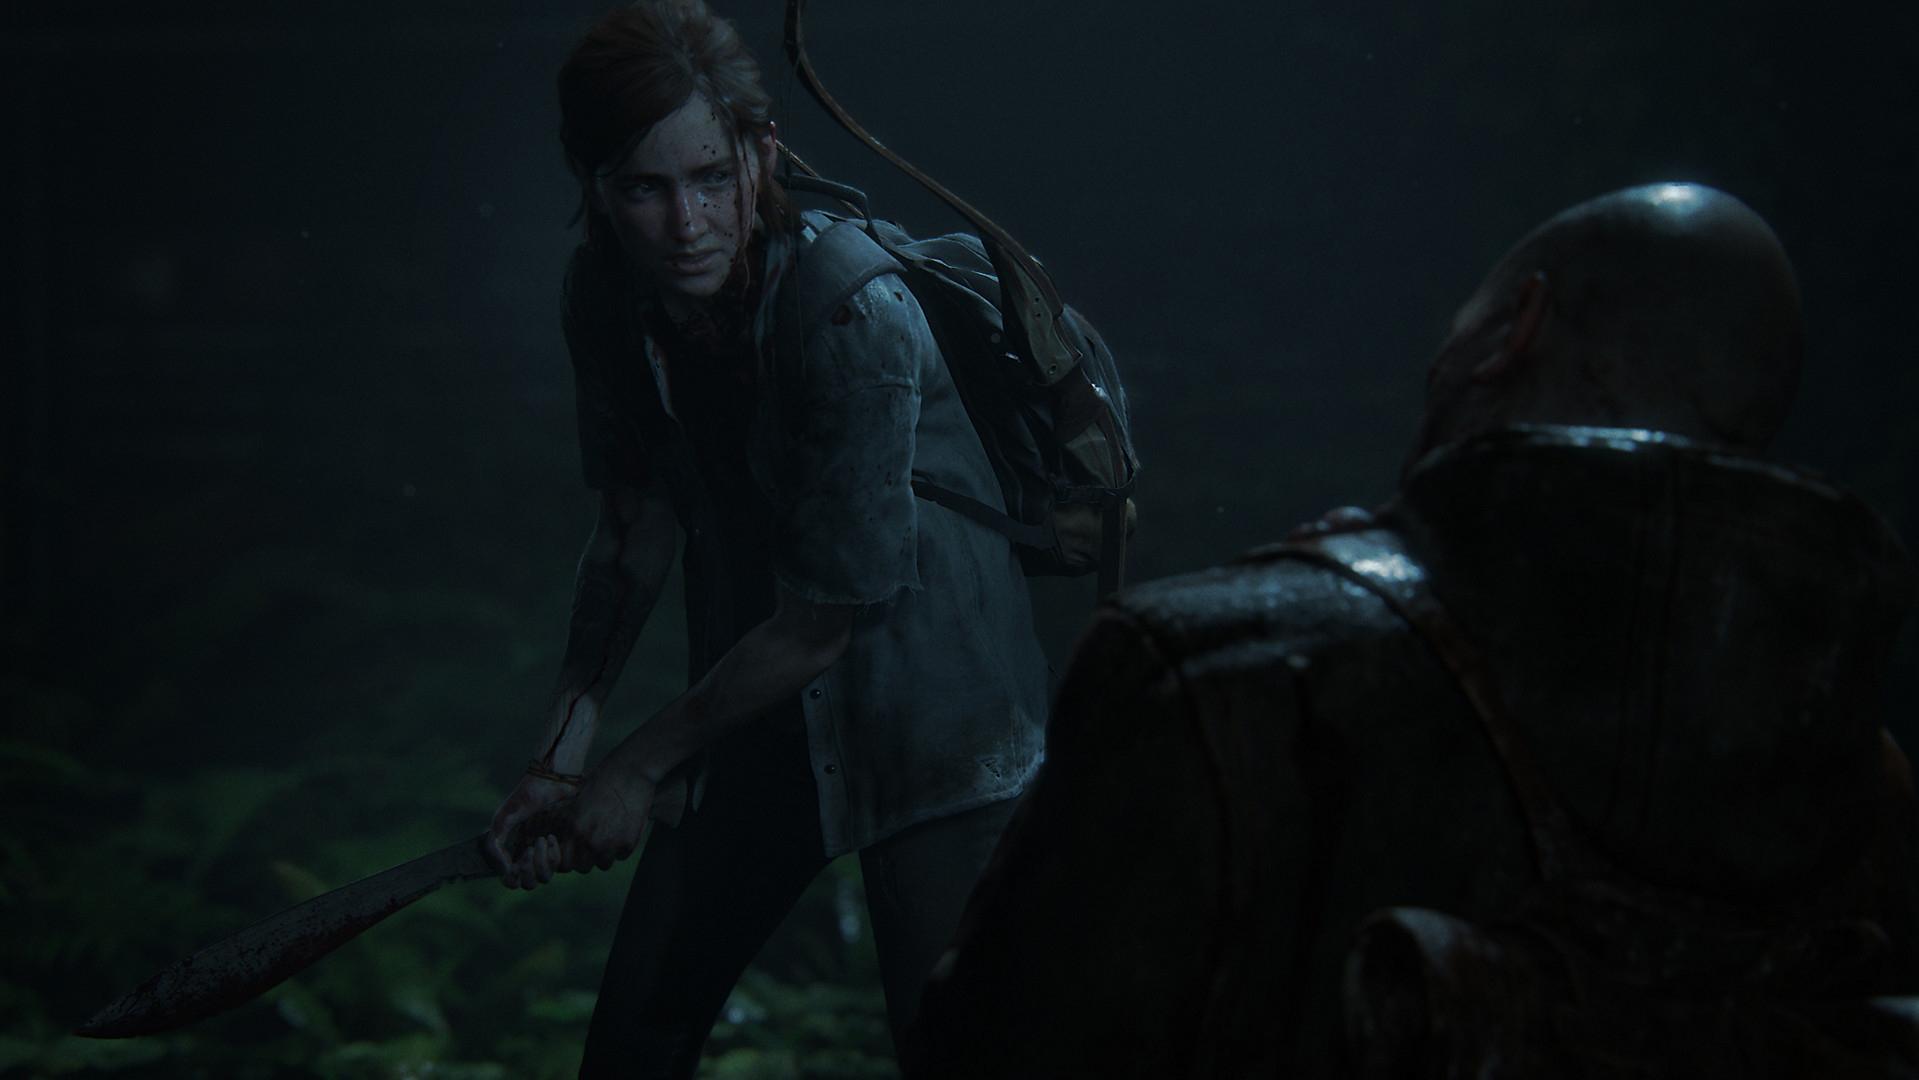 Обзор The Last of Us Part II от сотрудников Microsoft: необычная режиссура, превосходная графика и плохая стрельба